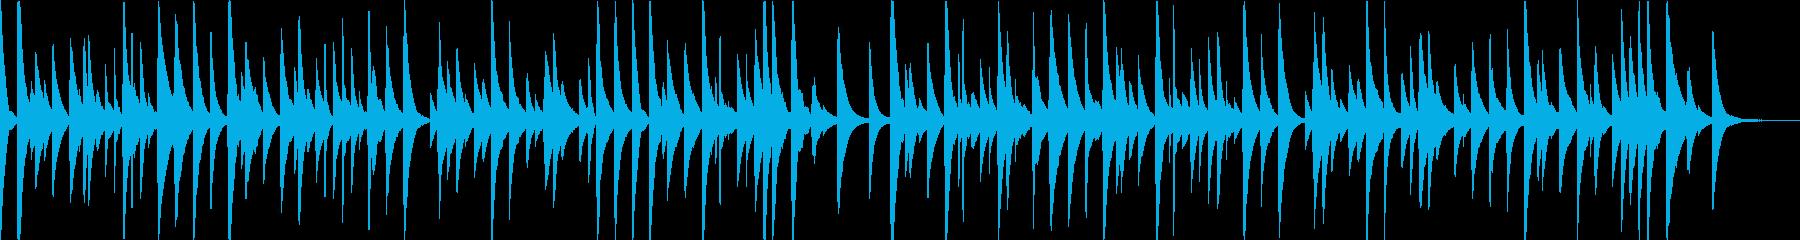 もみの木(オルゴール)の再生済みの波形